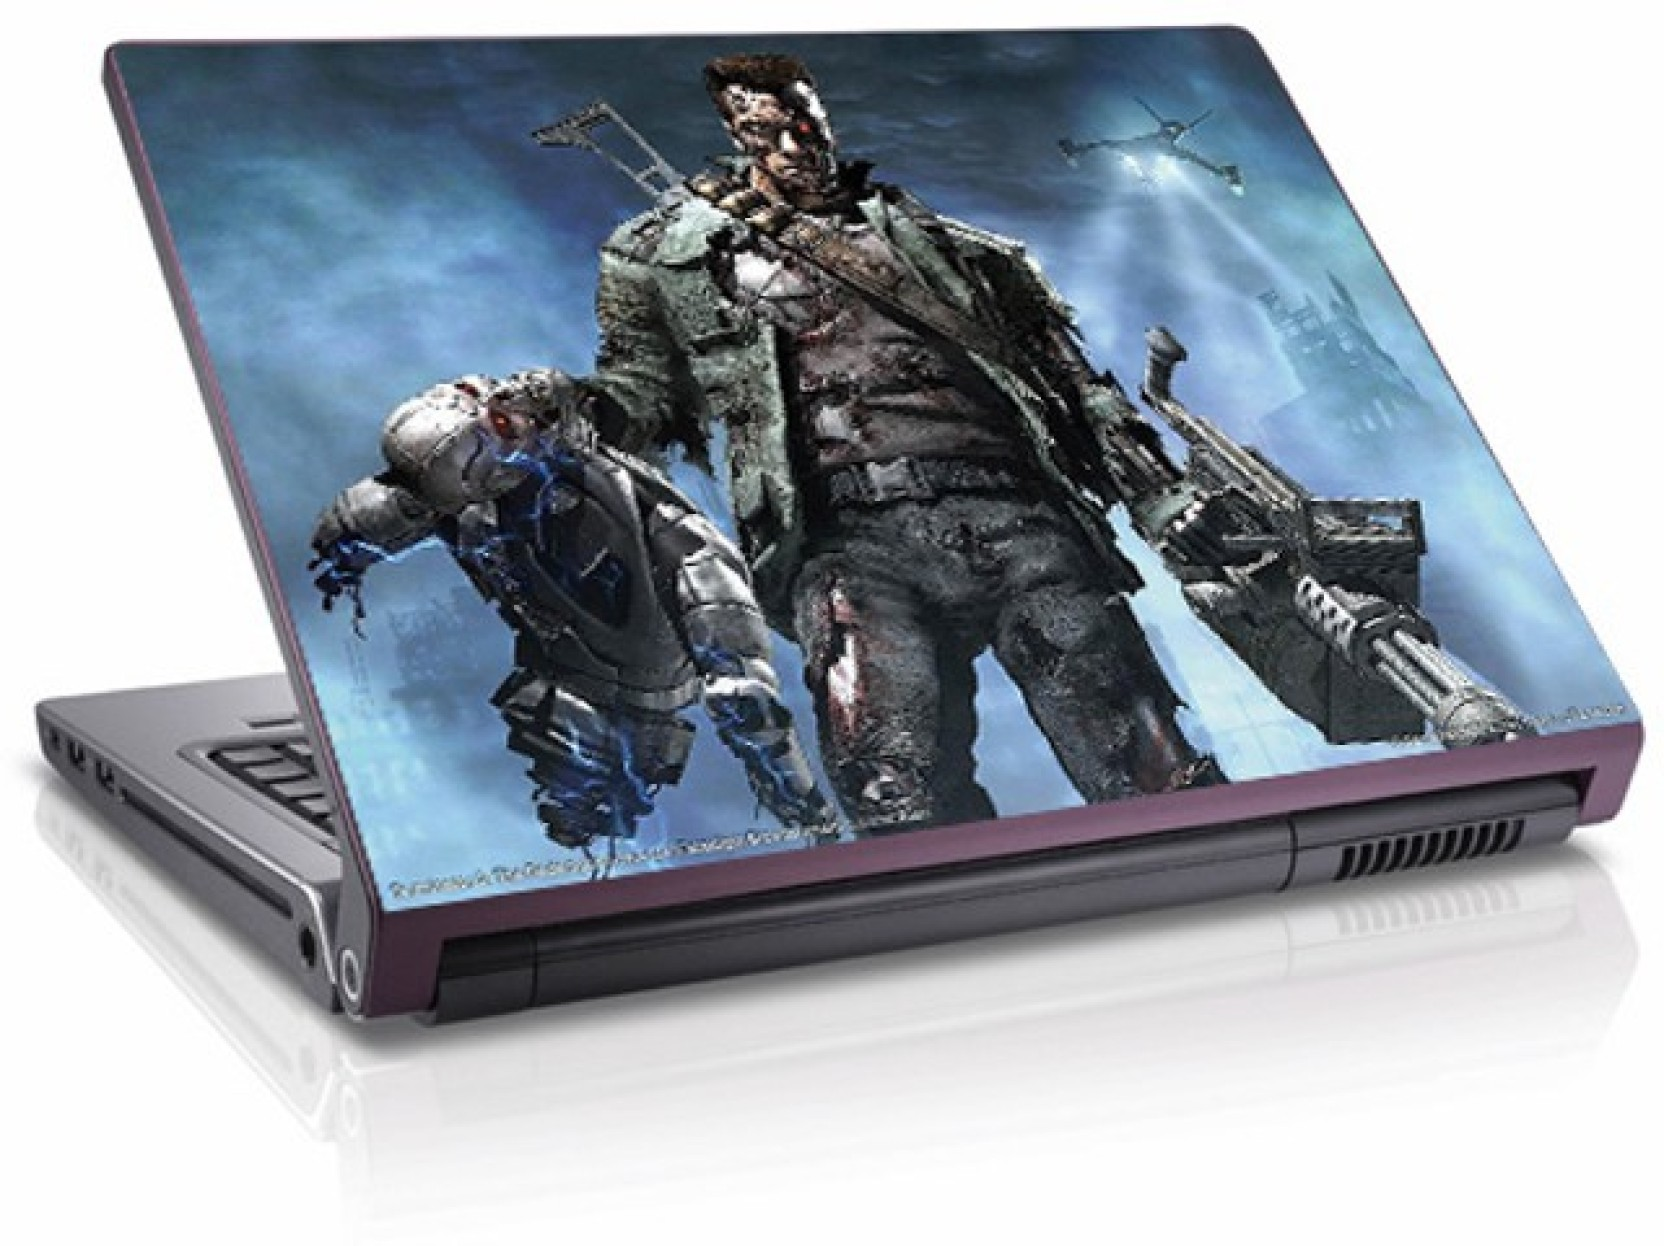 Trueshope Terminator Console Game Vinyl Laptop Decal 15 6 Price in